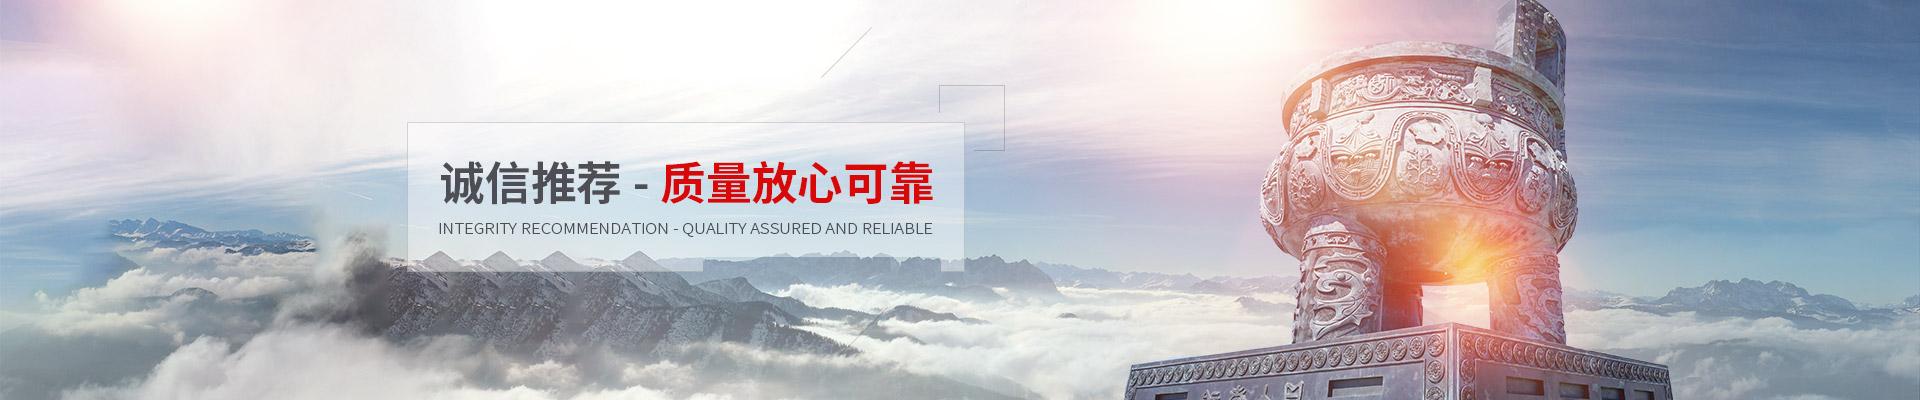 吴江区不可再生智能电网项目开发回收价